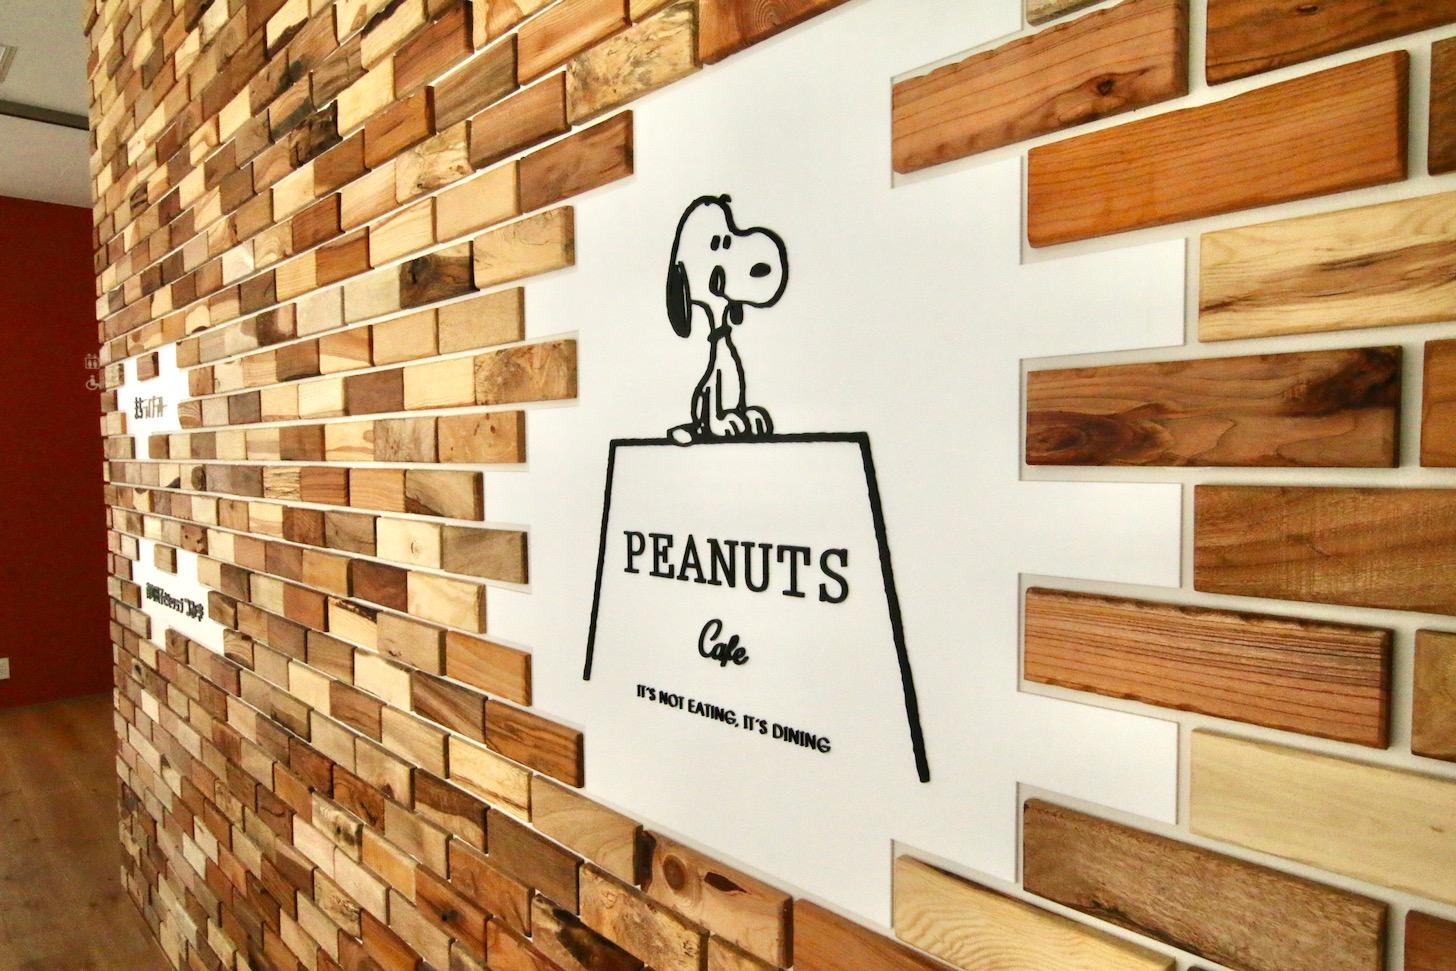 PEANUTS Cafe スヌーピーミュージアム 入口